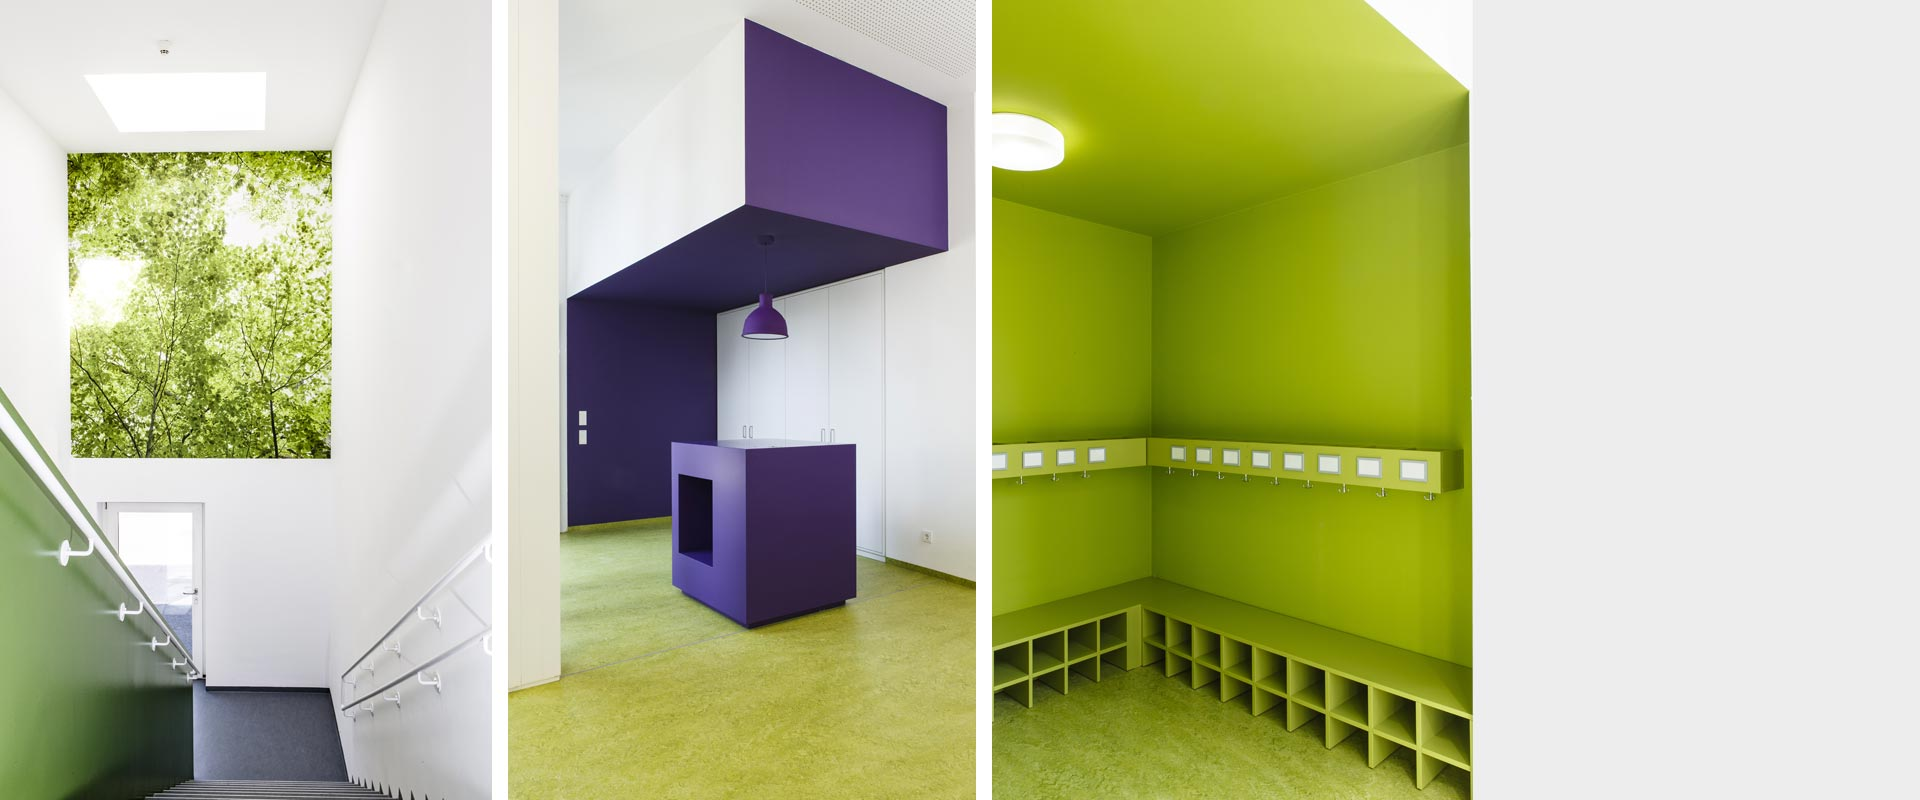 architekturbuero_henning_musahl_kindergarten05